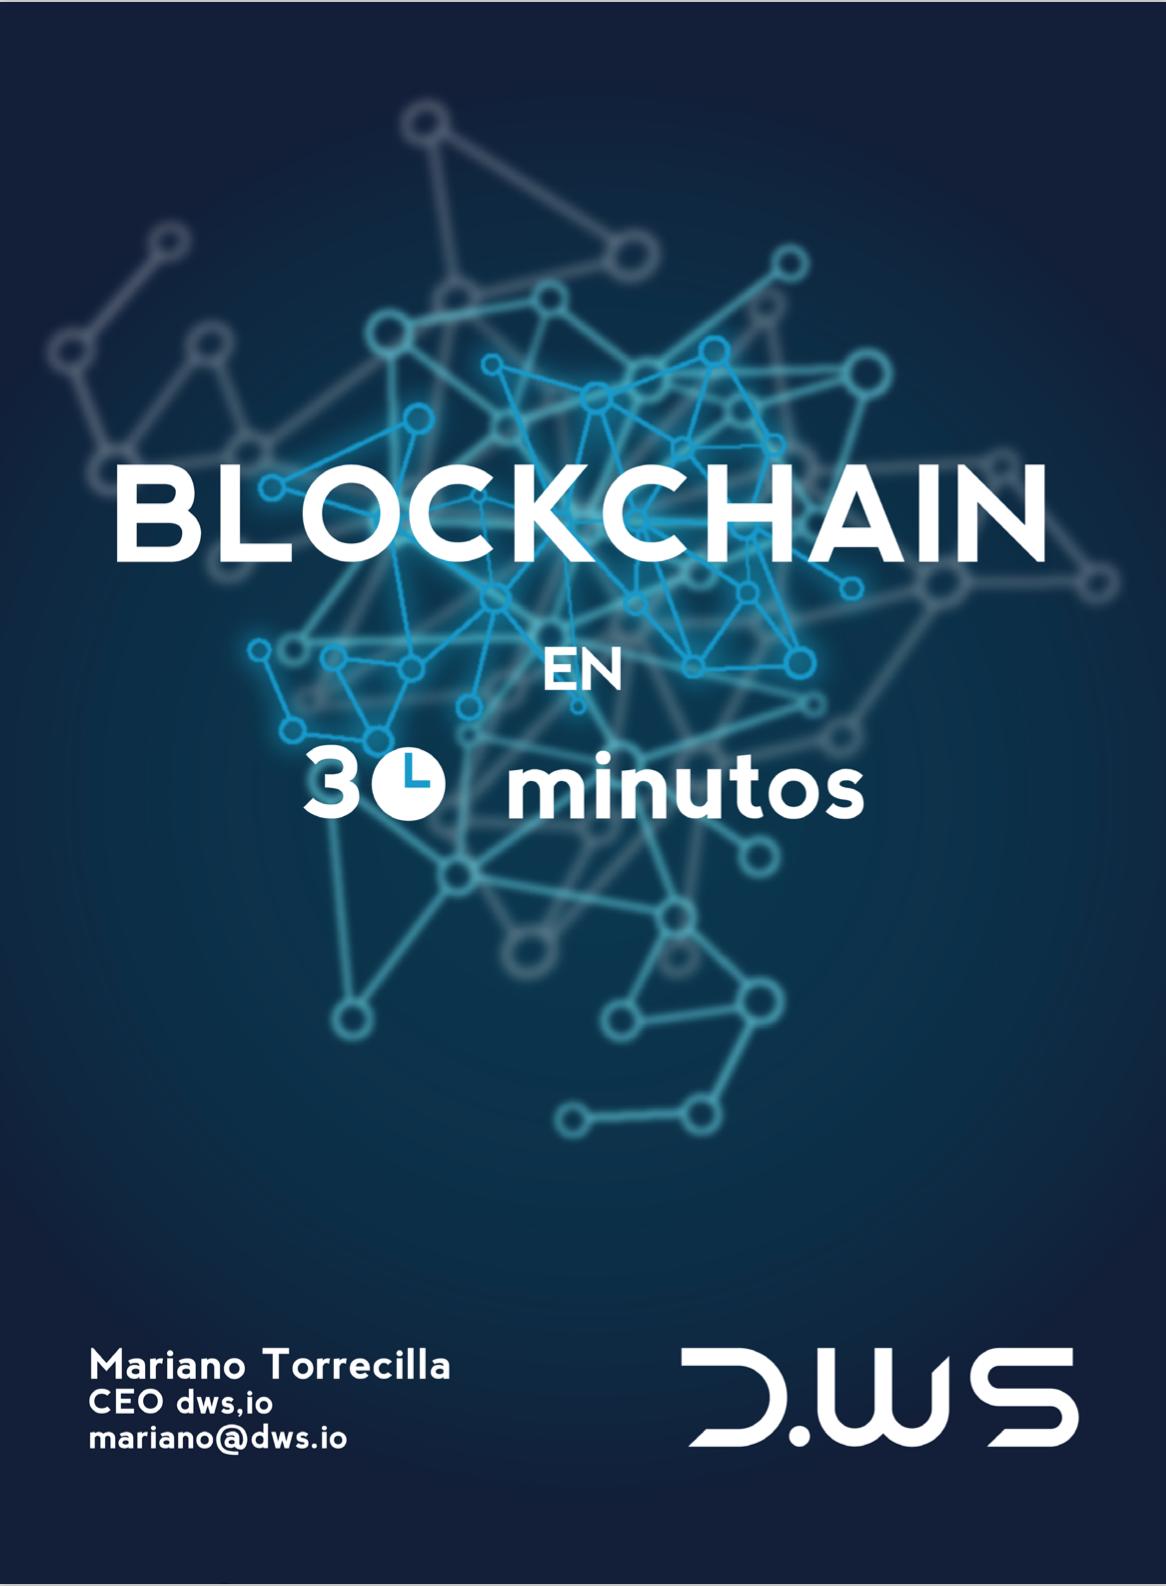 ¿es una buena idea invertir en tecnología blockchain? bitcoin?